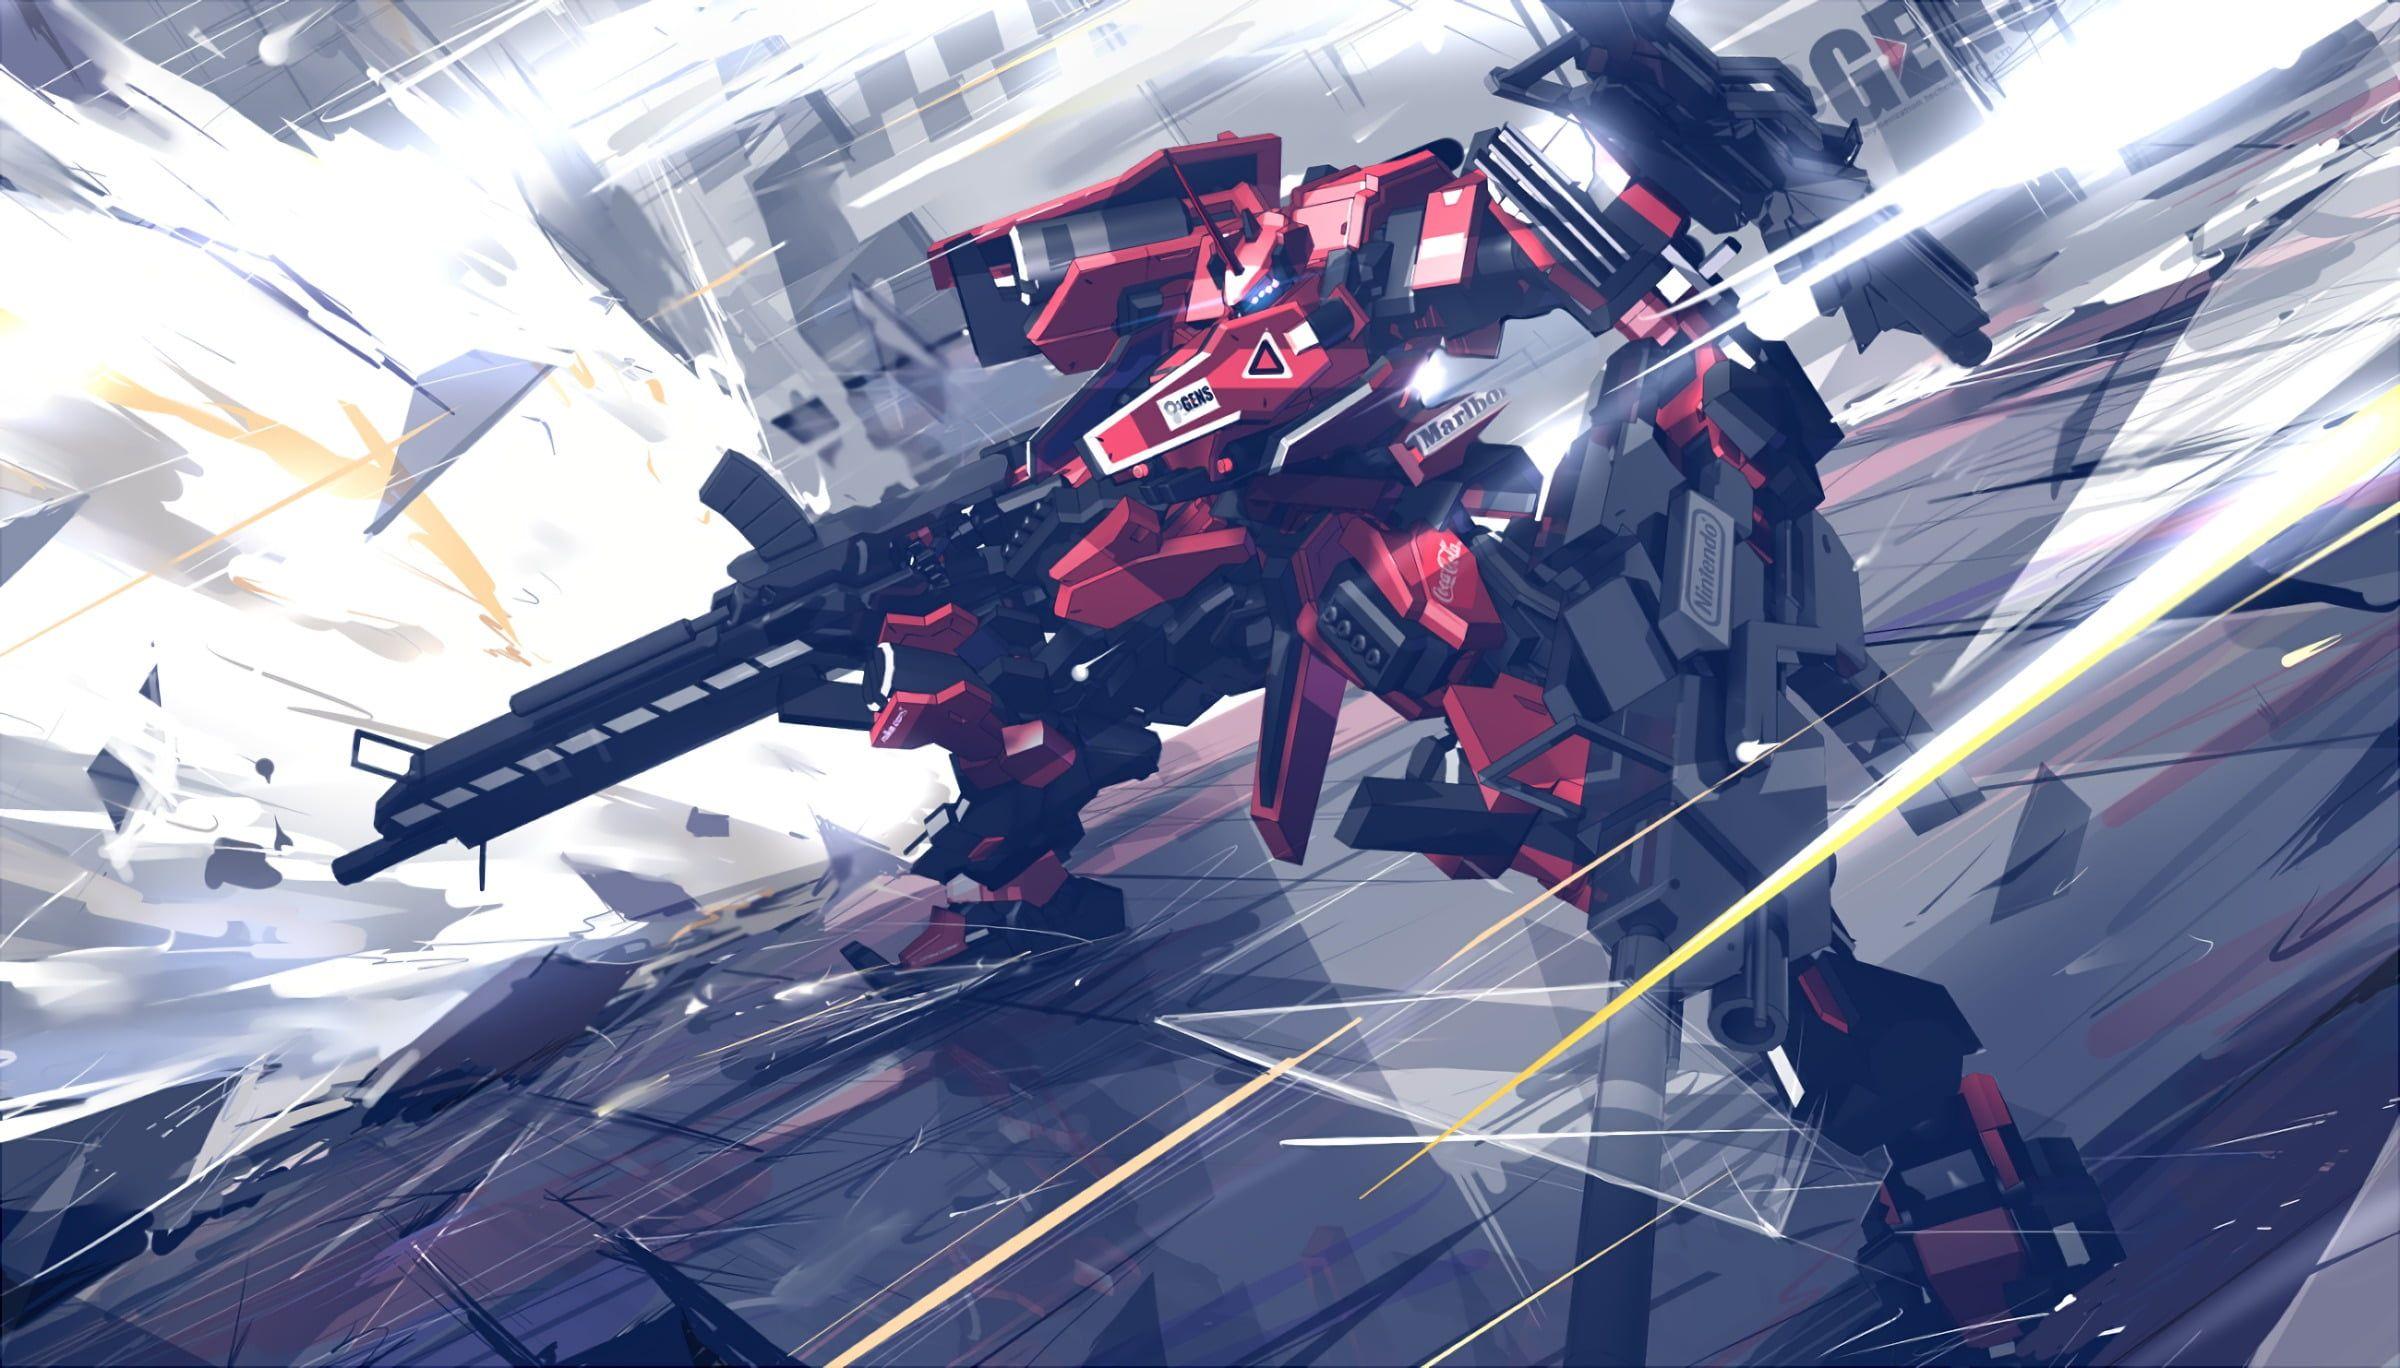 Red And Black Gundam Wallpaper Mech Digital Art Armored Core 1080p Wallpaper Hdwallpaper Desktop Armored Core Gundam Wallpapers Mech